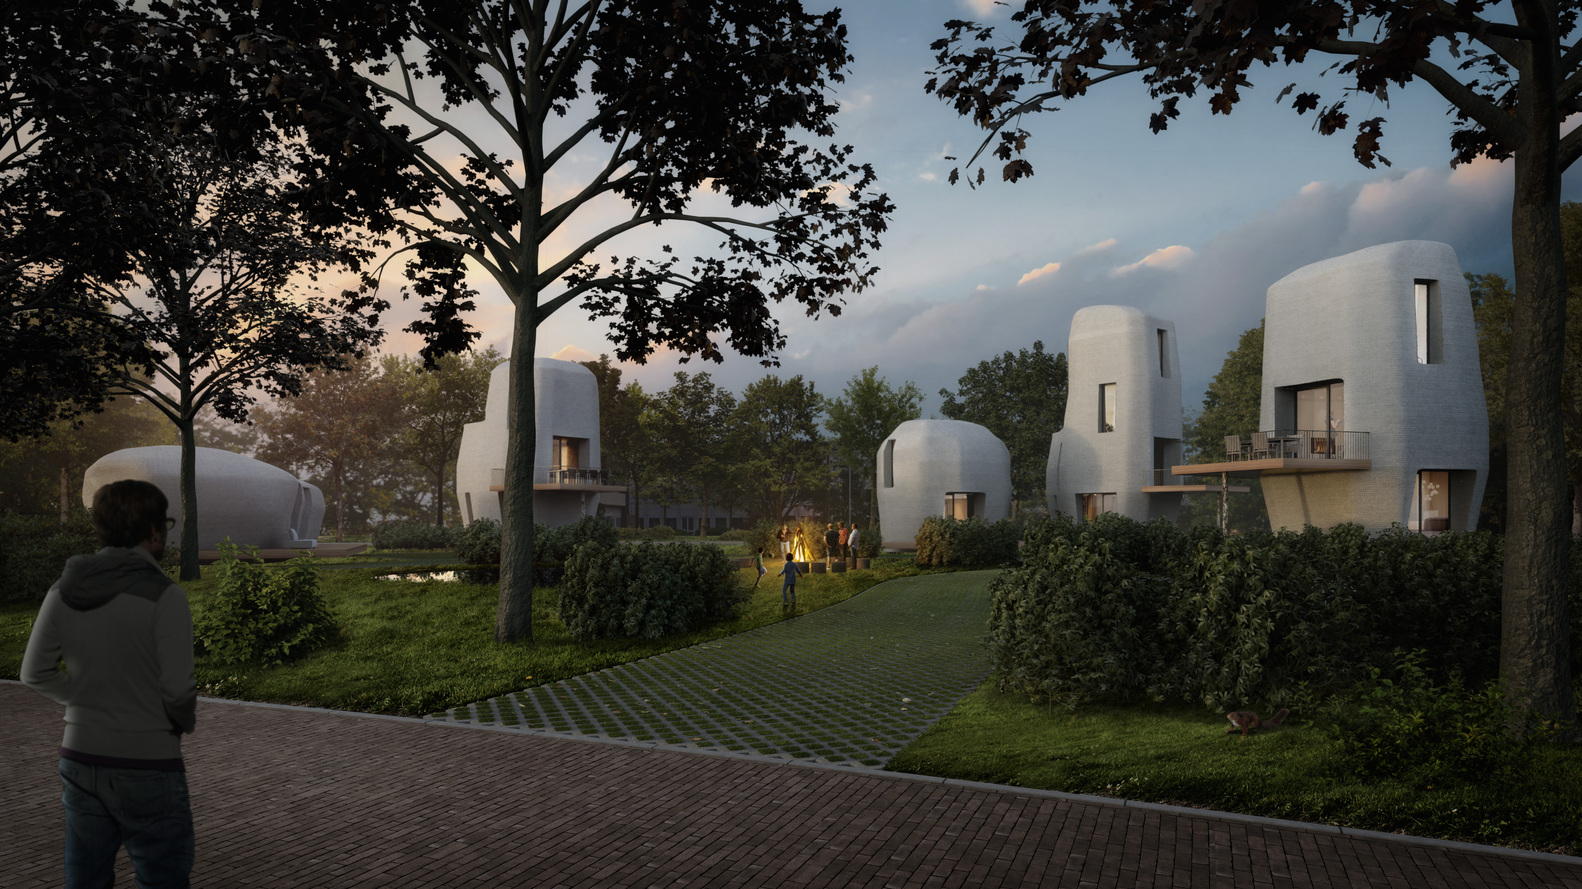 В Нидерландах на 3d-принтере напечатают целый жилой комплекс В Нидерландах на 3D-принтере напечатают целый жилой комплекс 1115 2eb89d1046dcd0a402924c93d0f15ac4